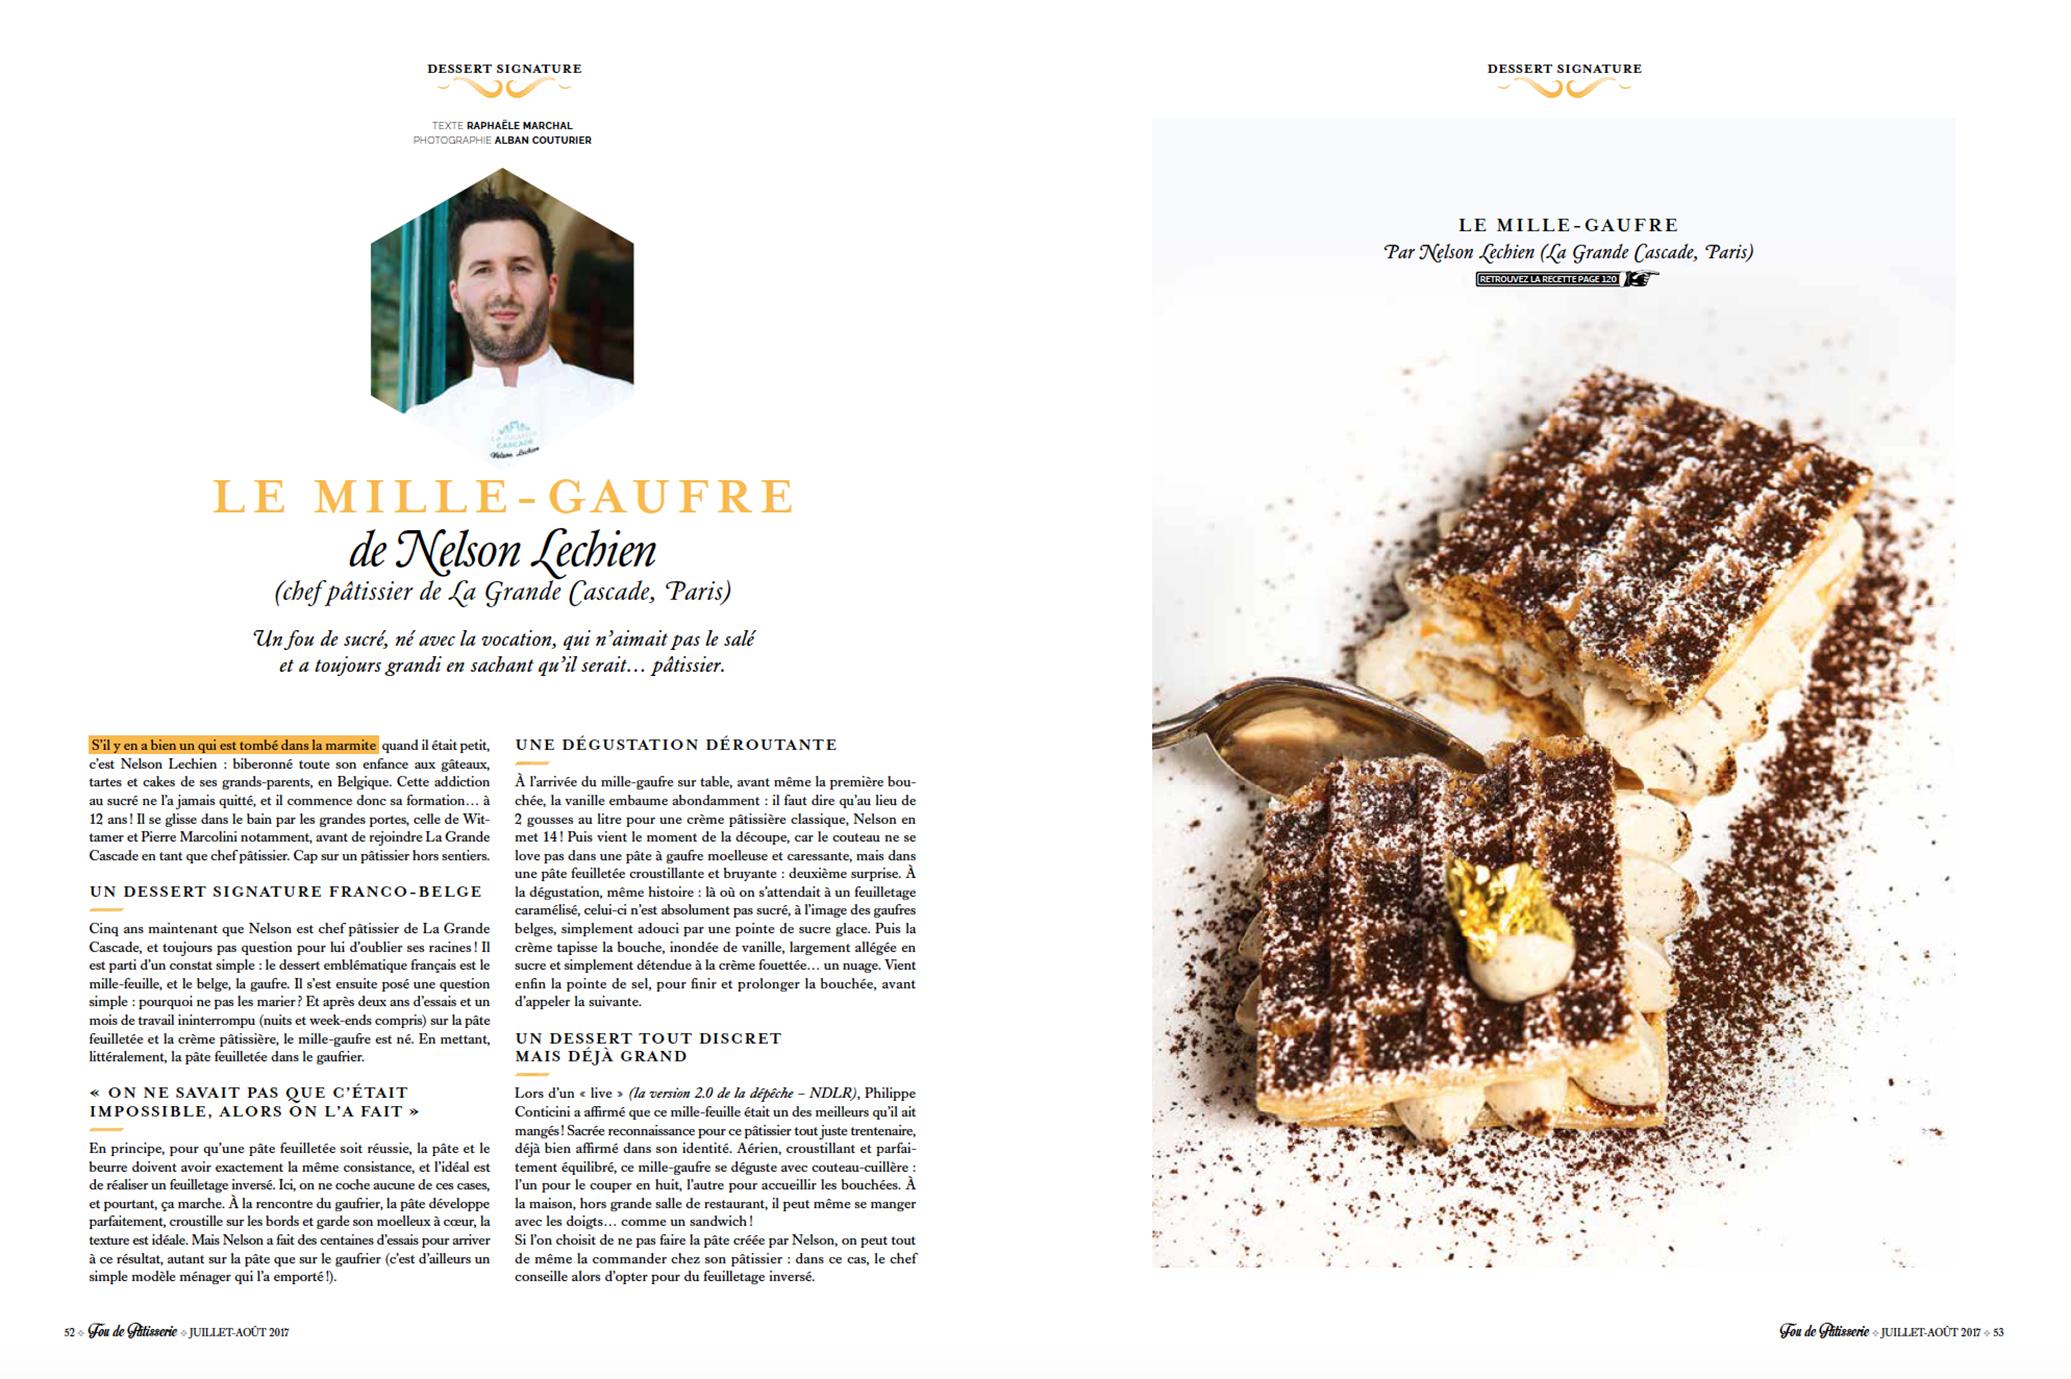 Fou de patisserie, Nelson LECHIEN, Mille gauffre, La Grande Cascade, dessert, ©Alban Couturier